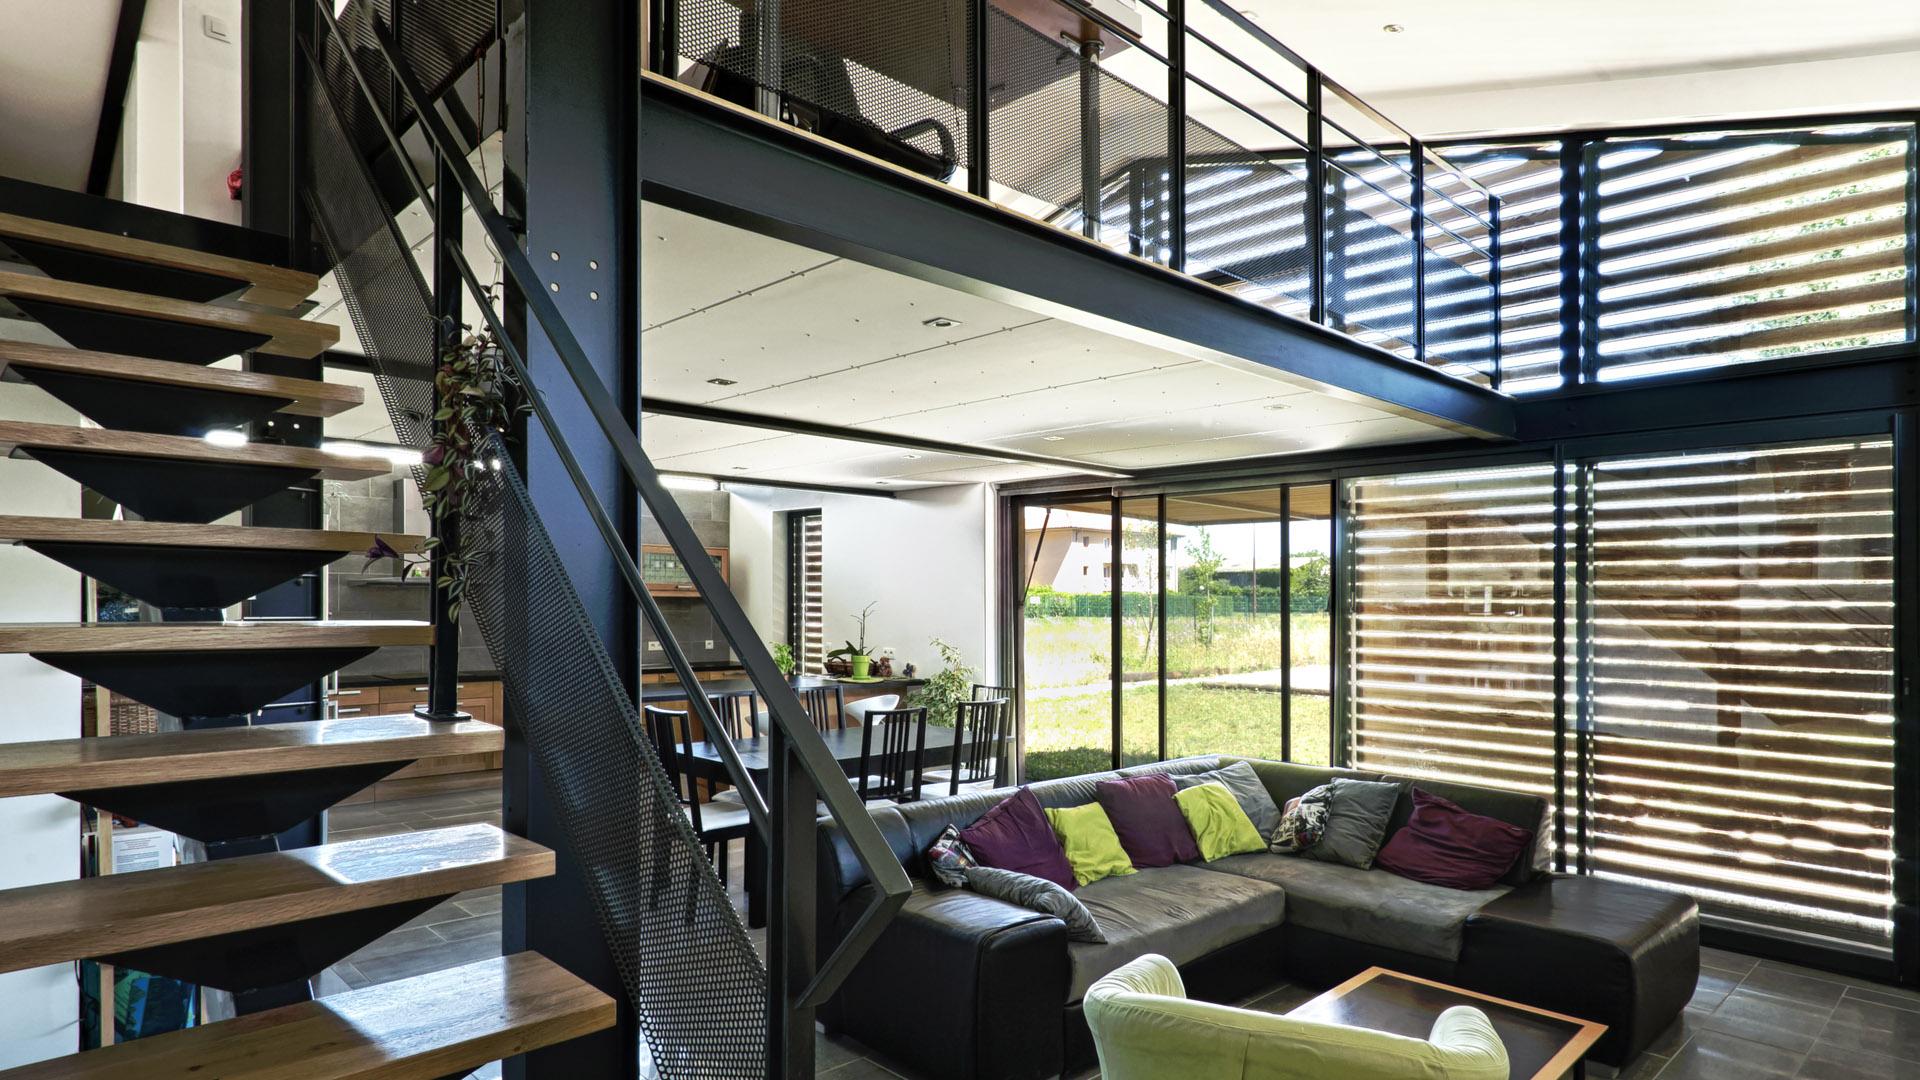 05-Seuil-Architecture-logements-Basques-crédit-ph.-Stéphane-Brugidou